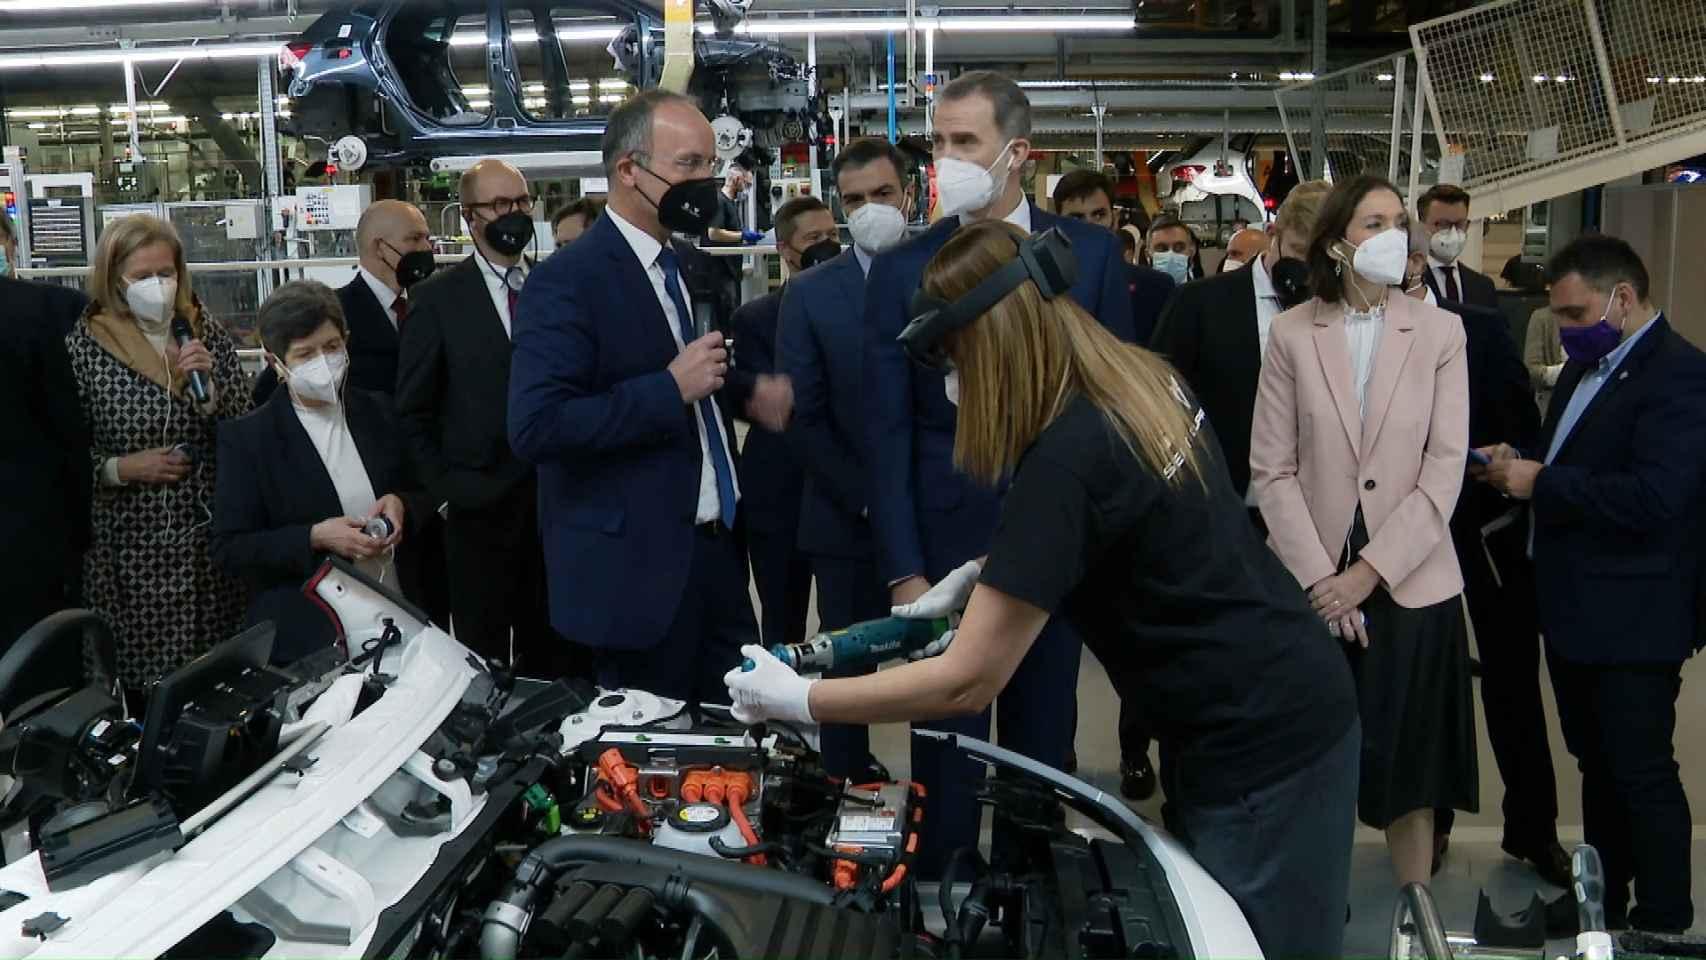 Presentación de primer PERTE en la fábrica de Seat en Martorell (Barcelona).